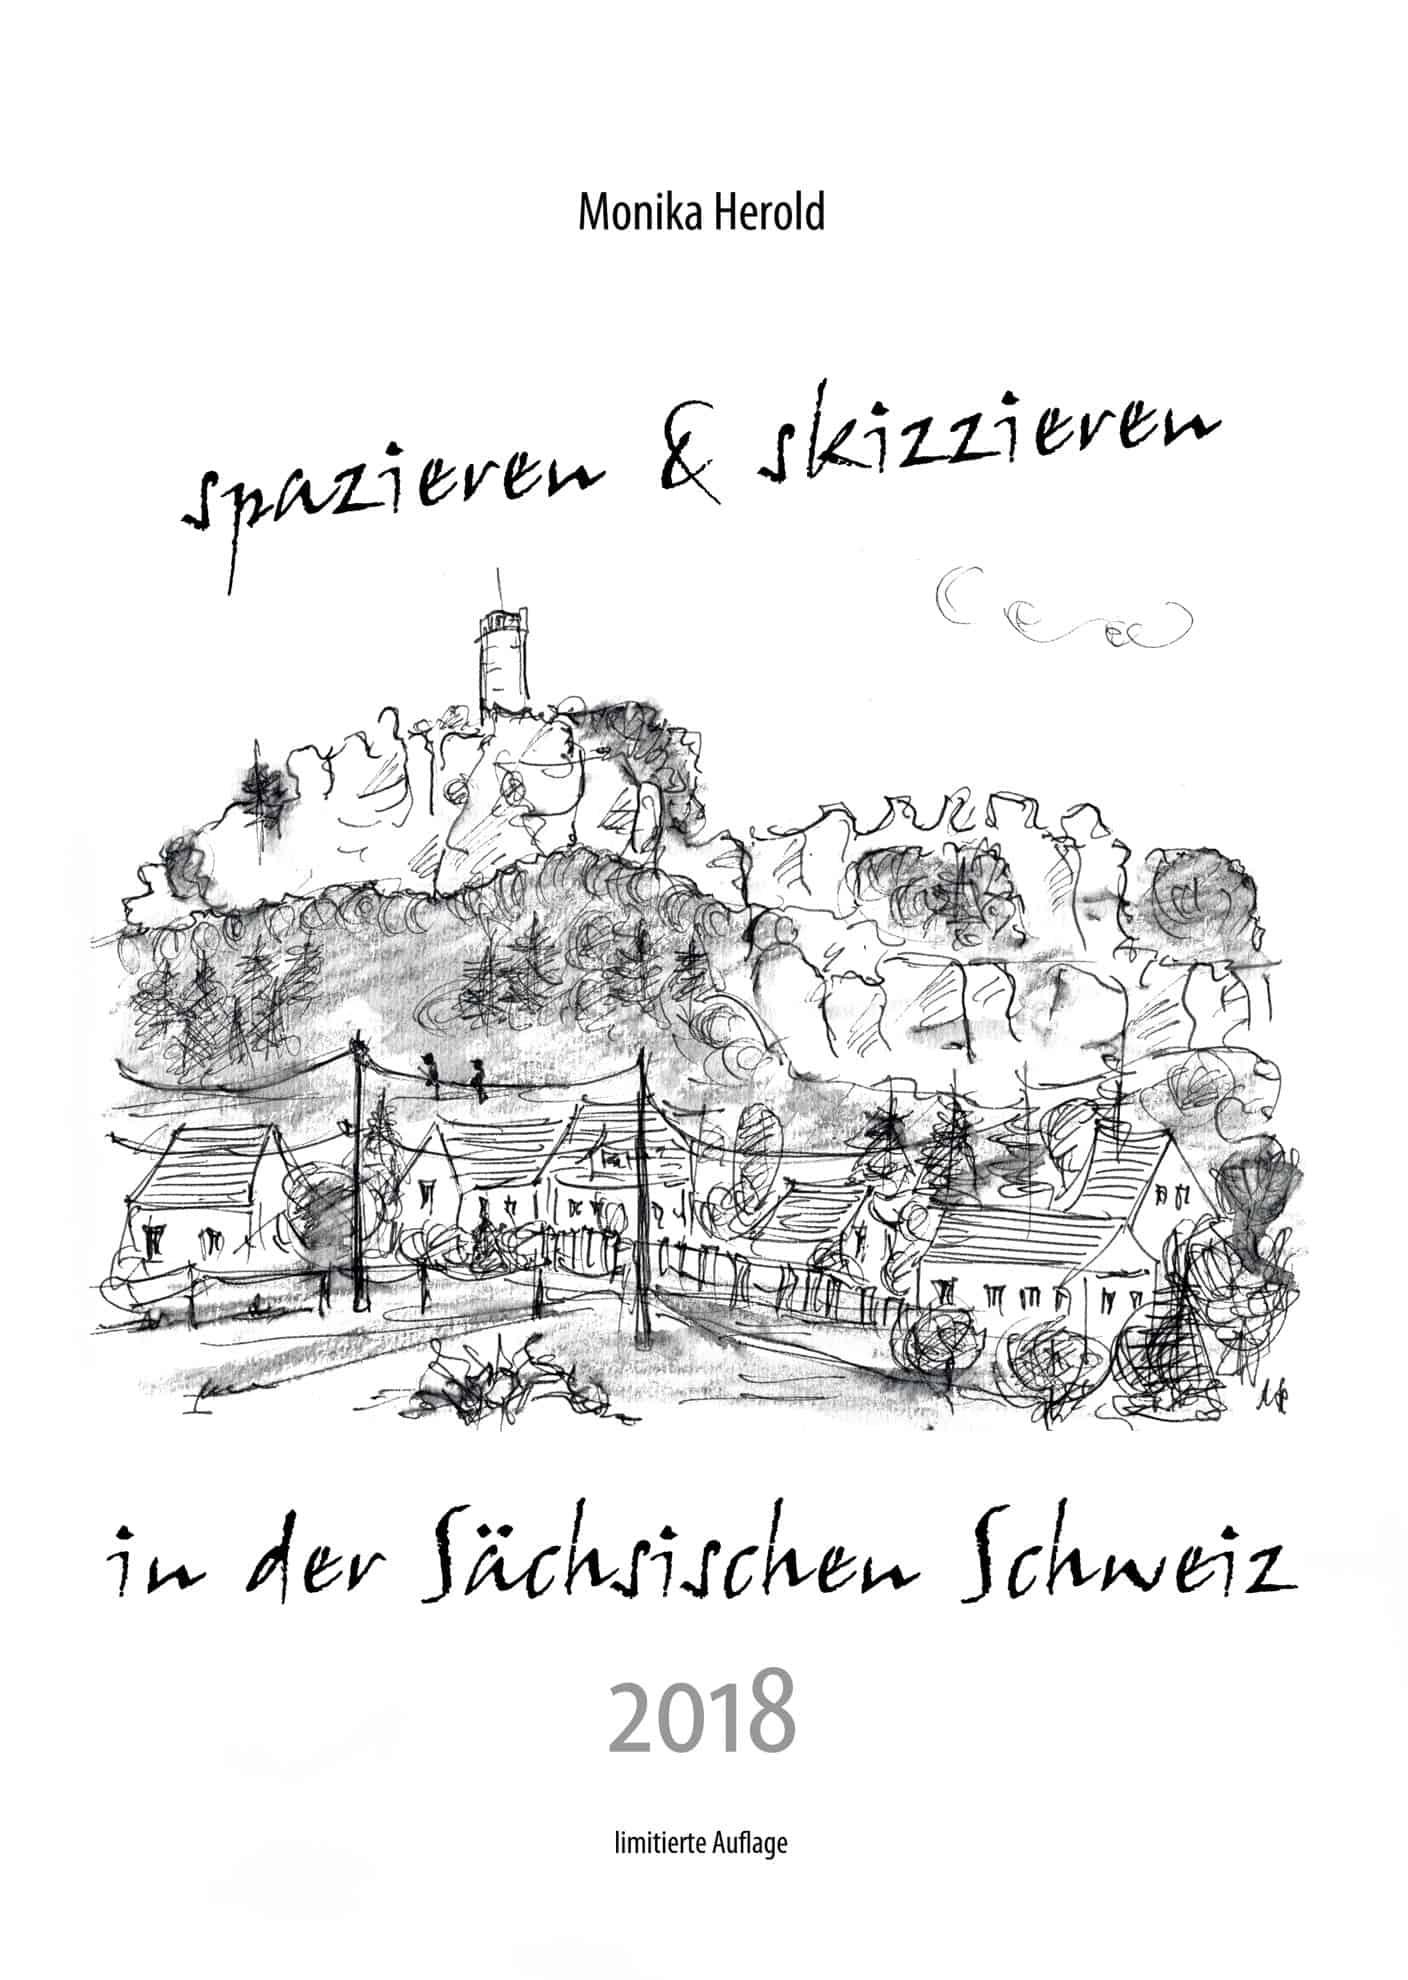 Skizze vom Papstein, Kalender 2018, Sächsische Schweiz